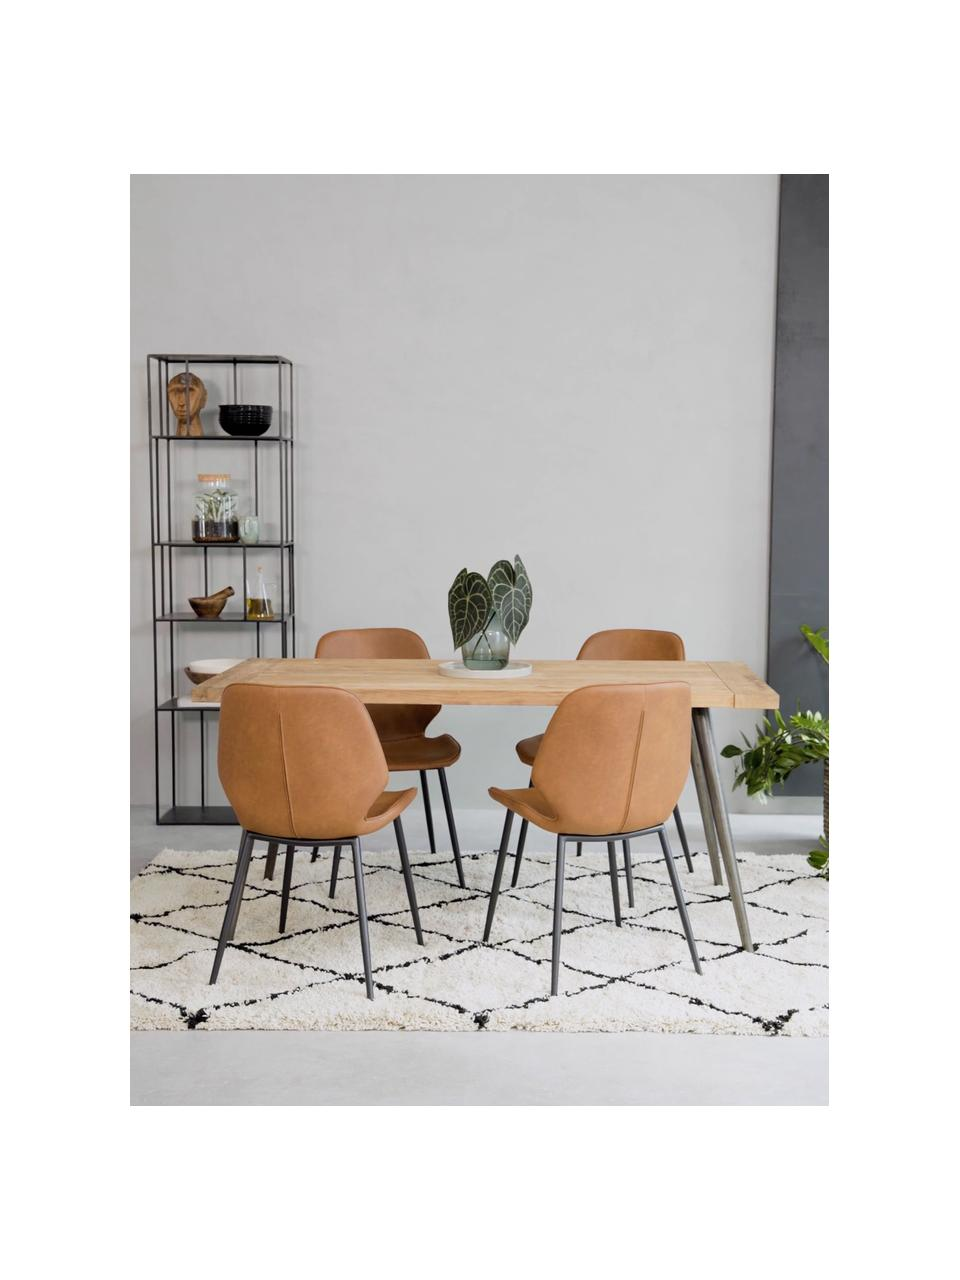 Krzesło tapicerowane ze sztucznej skóry  Louis, 2 szt., Tapicerka: sztuczna skóra (65% polie, Tapicerka: pianka, Nogi: metal malowany proszkowo, Koniakowy, S 44 x G 58 cm